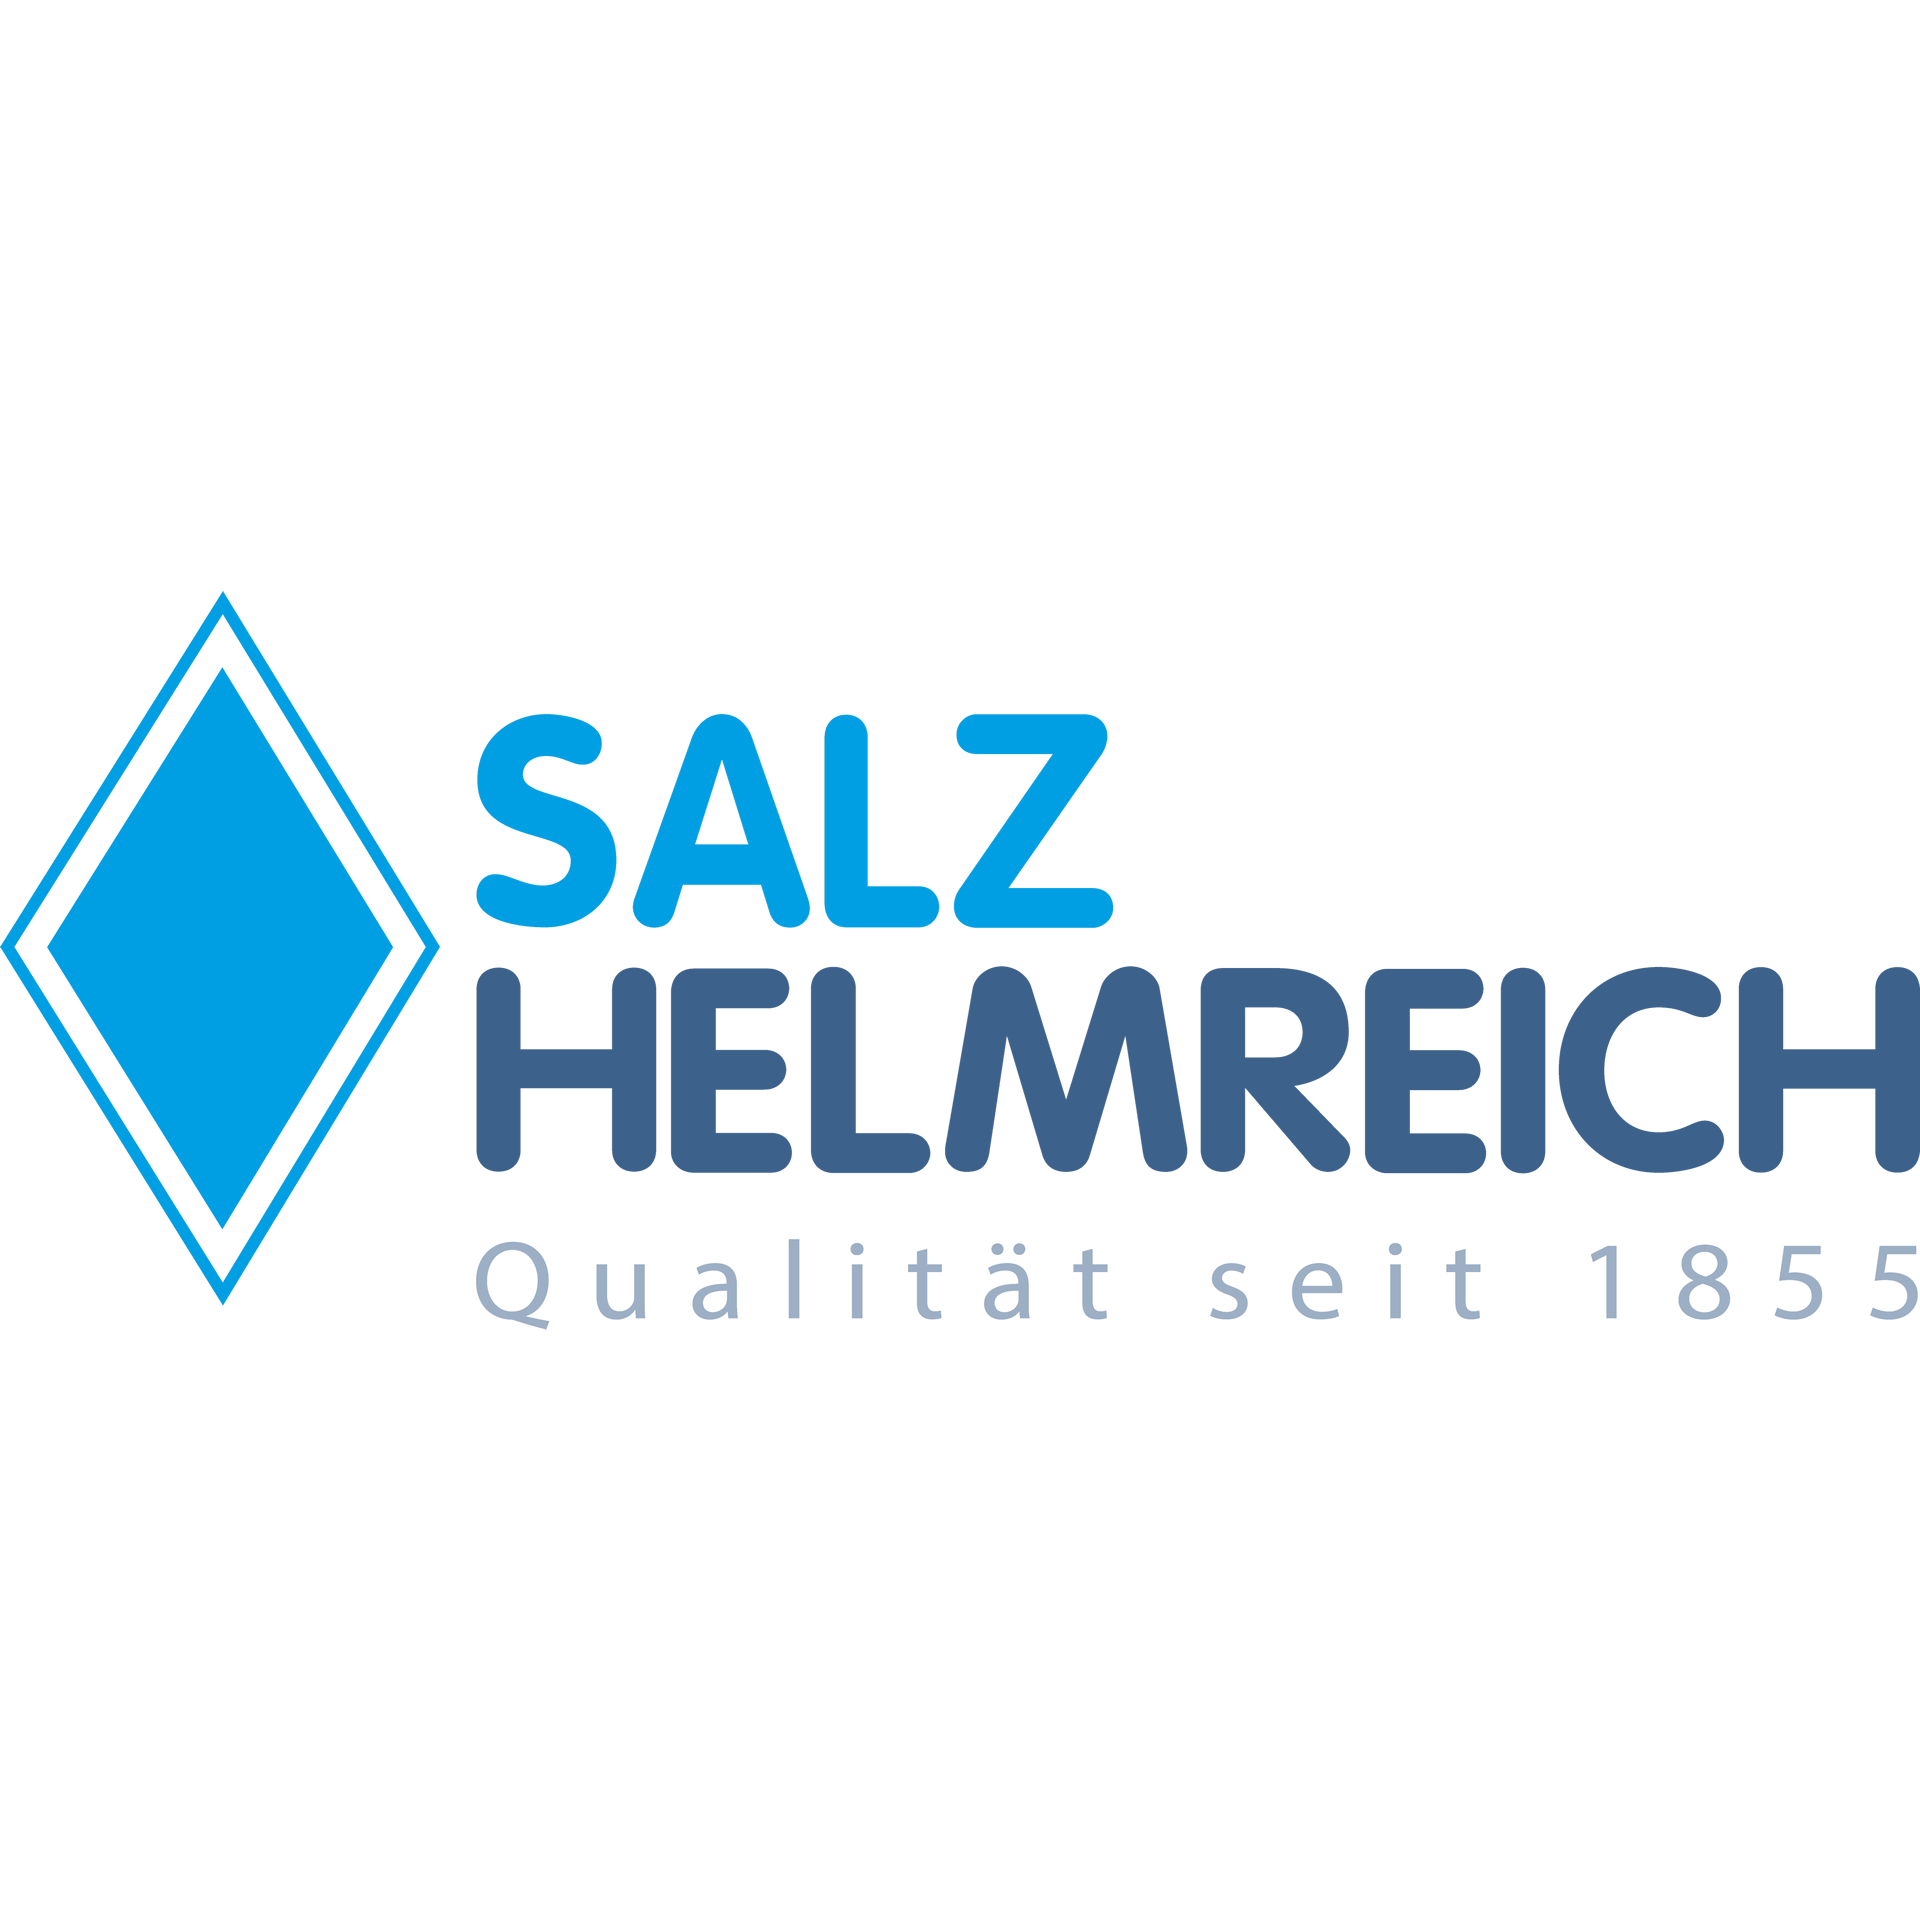 Pharmasalz HD-NaCl - beste Qualität im 25kg Sack